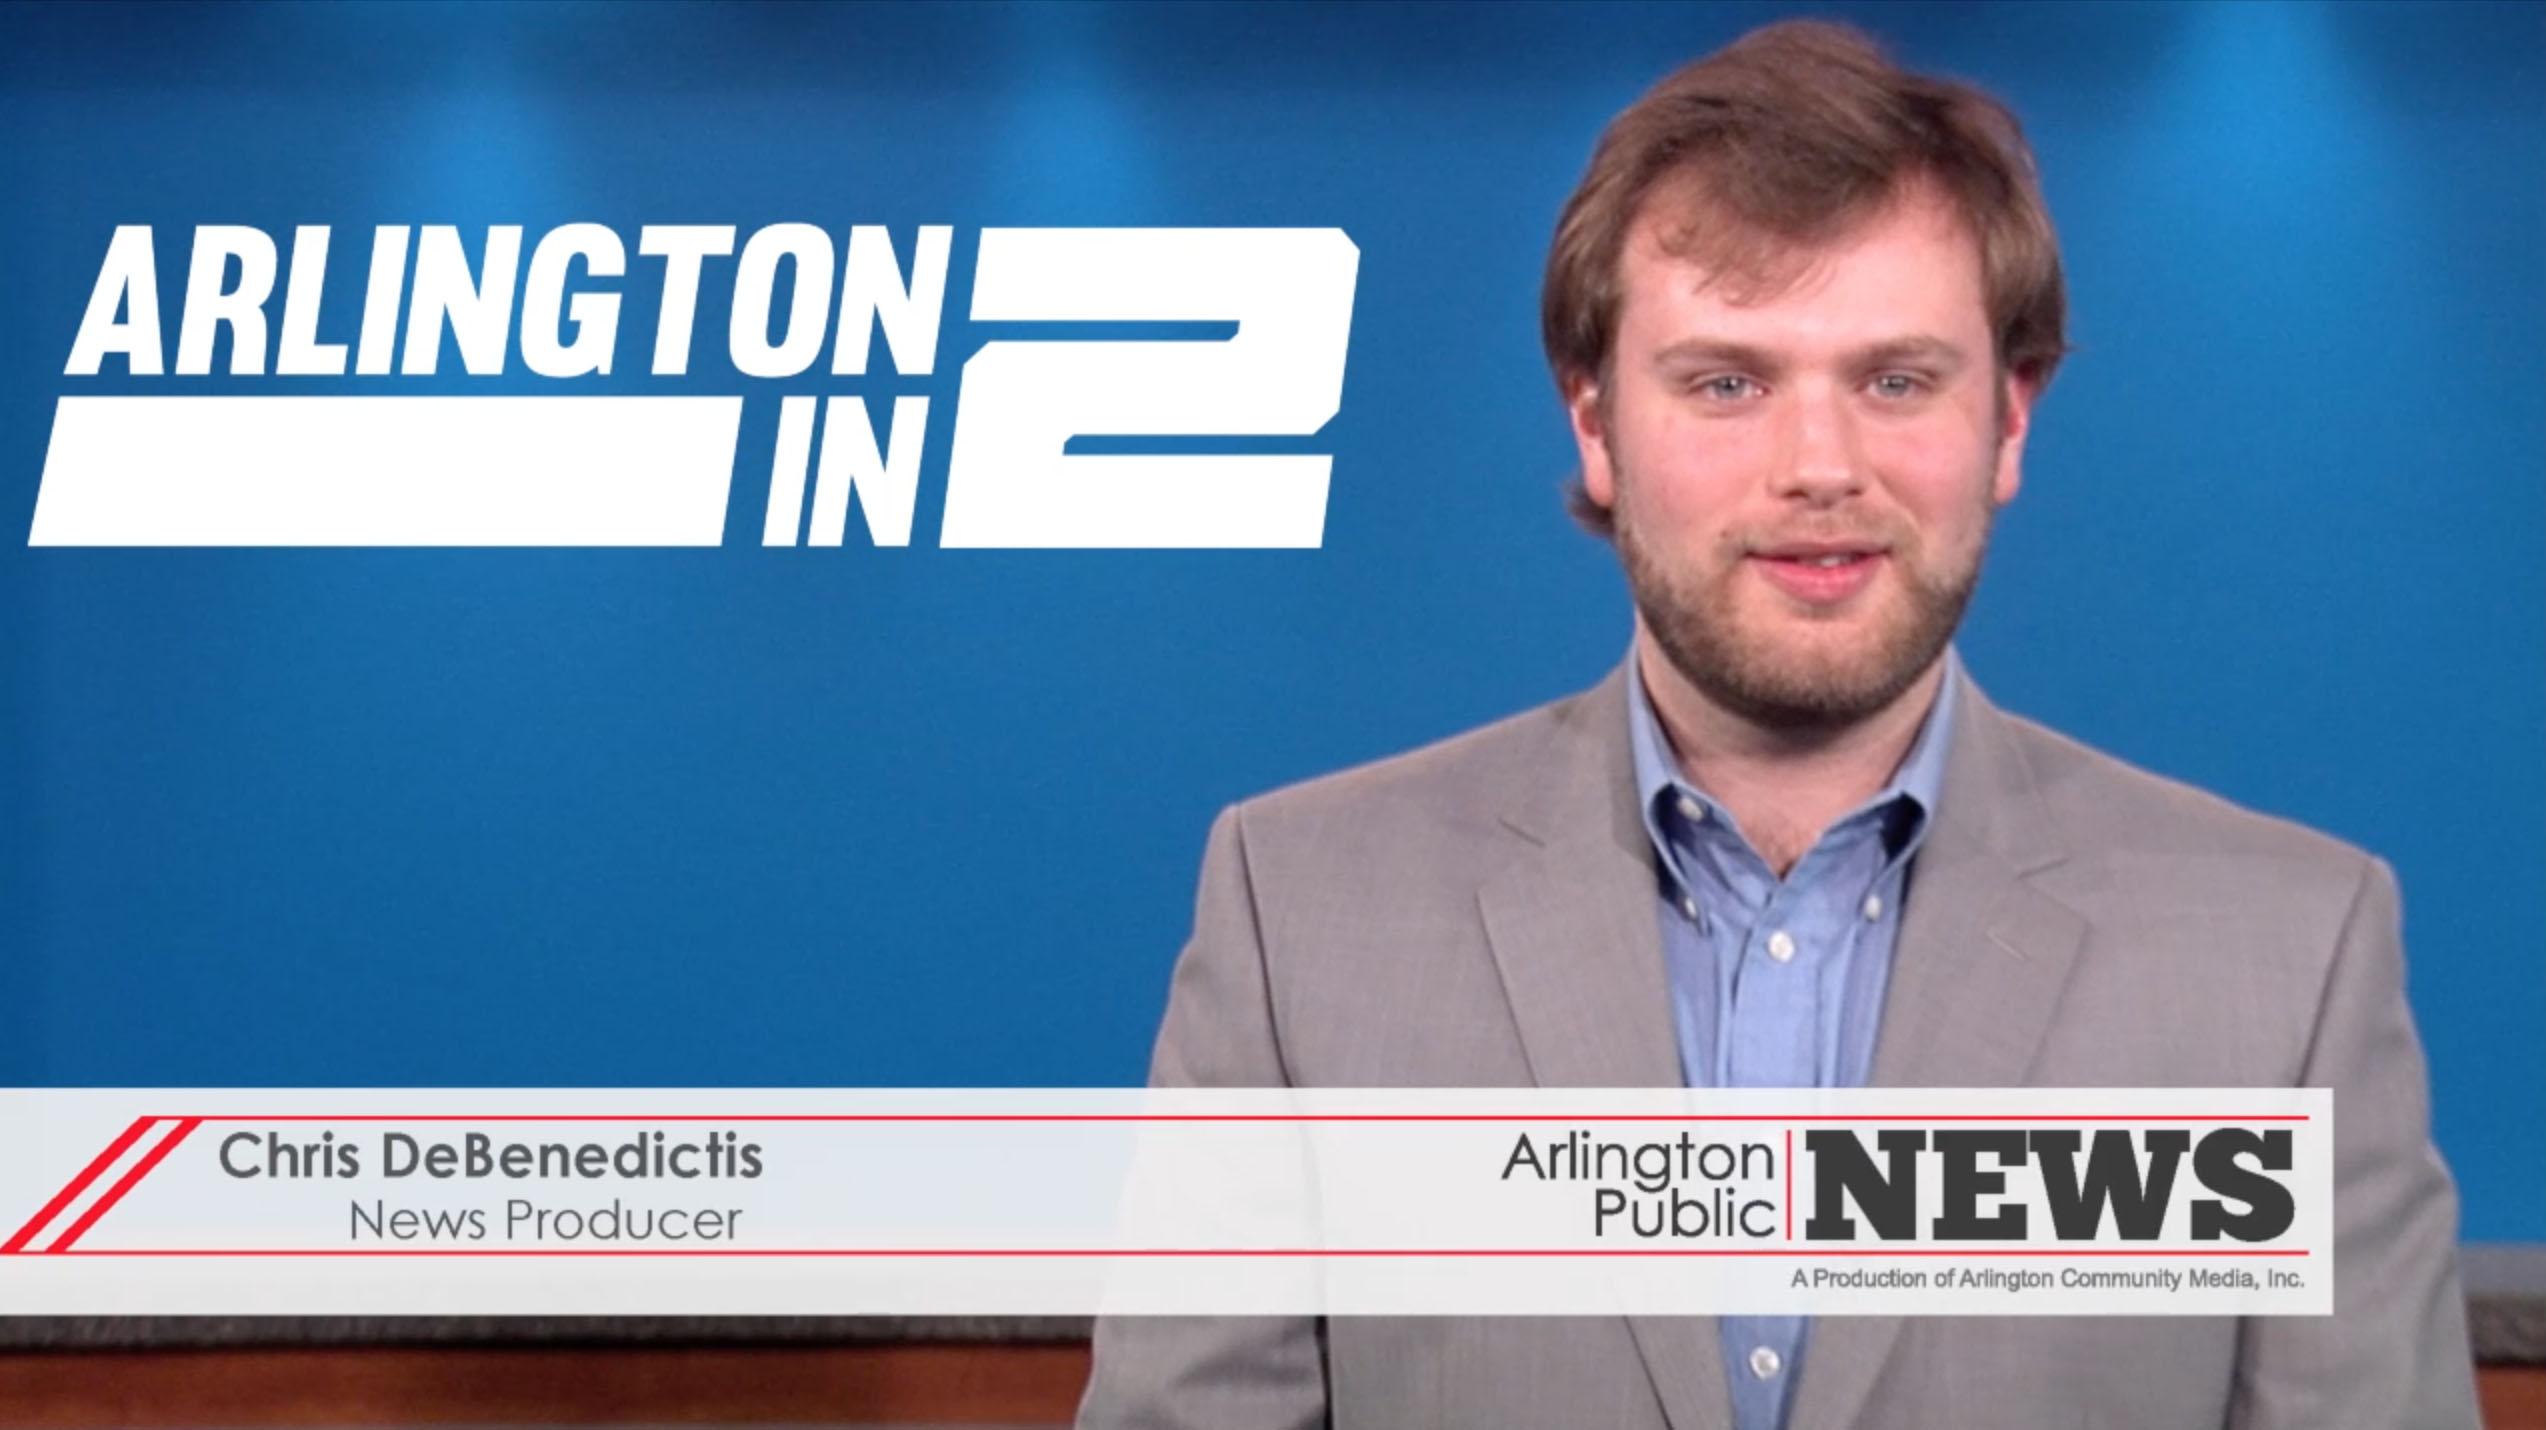 Arlington in 2 | March 06, 2015